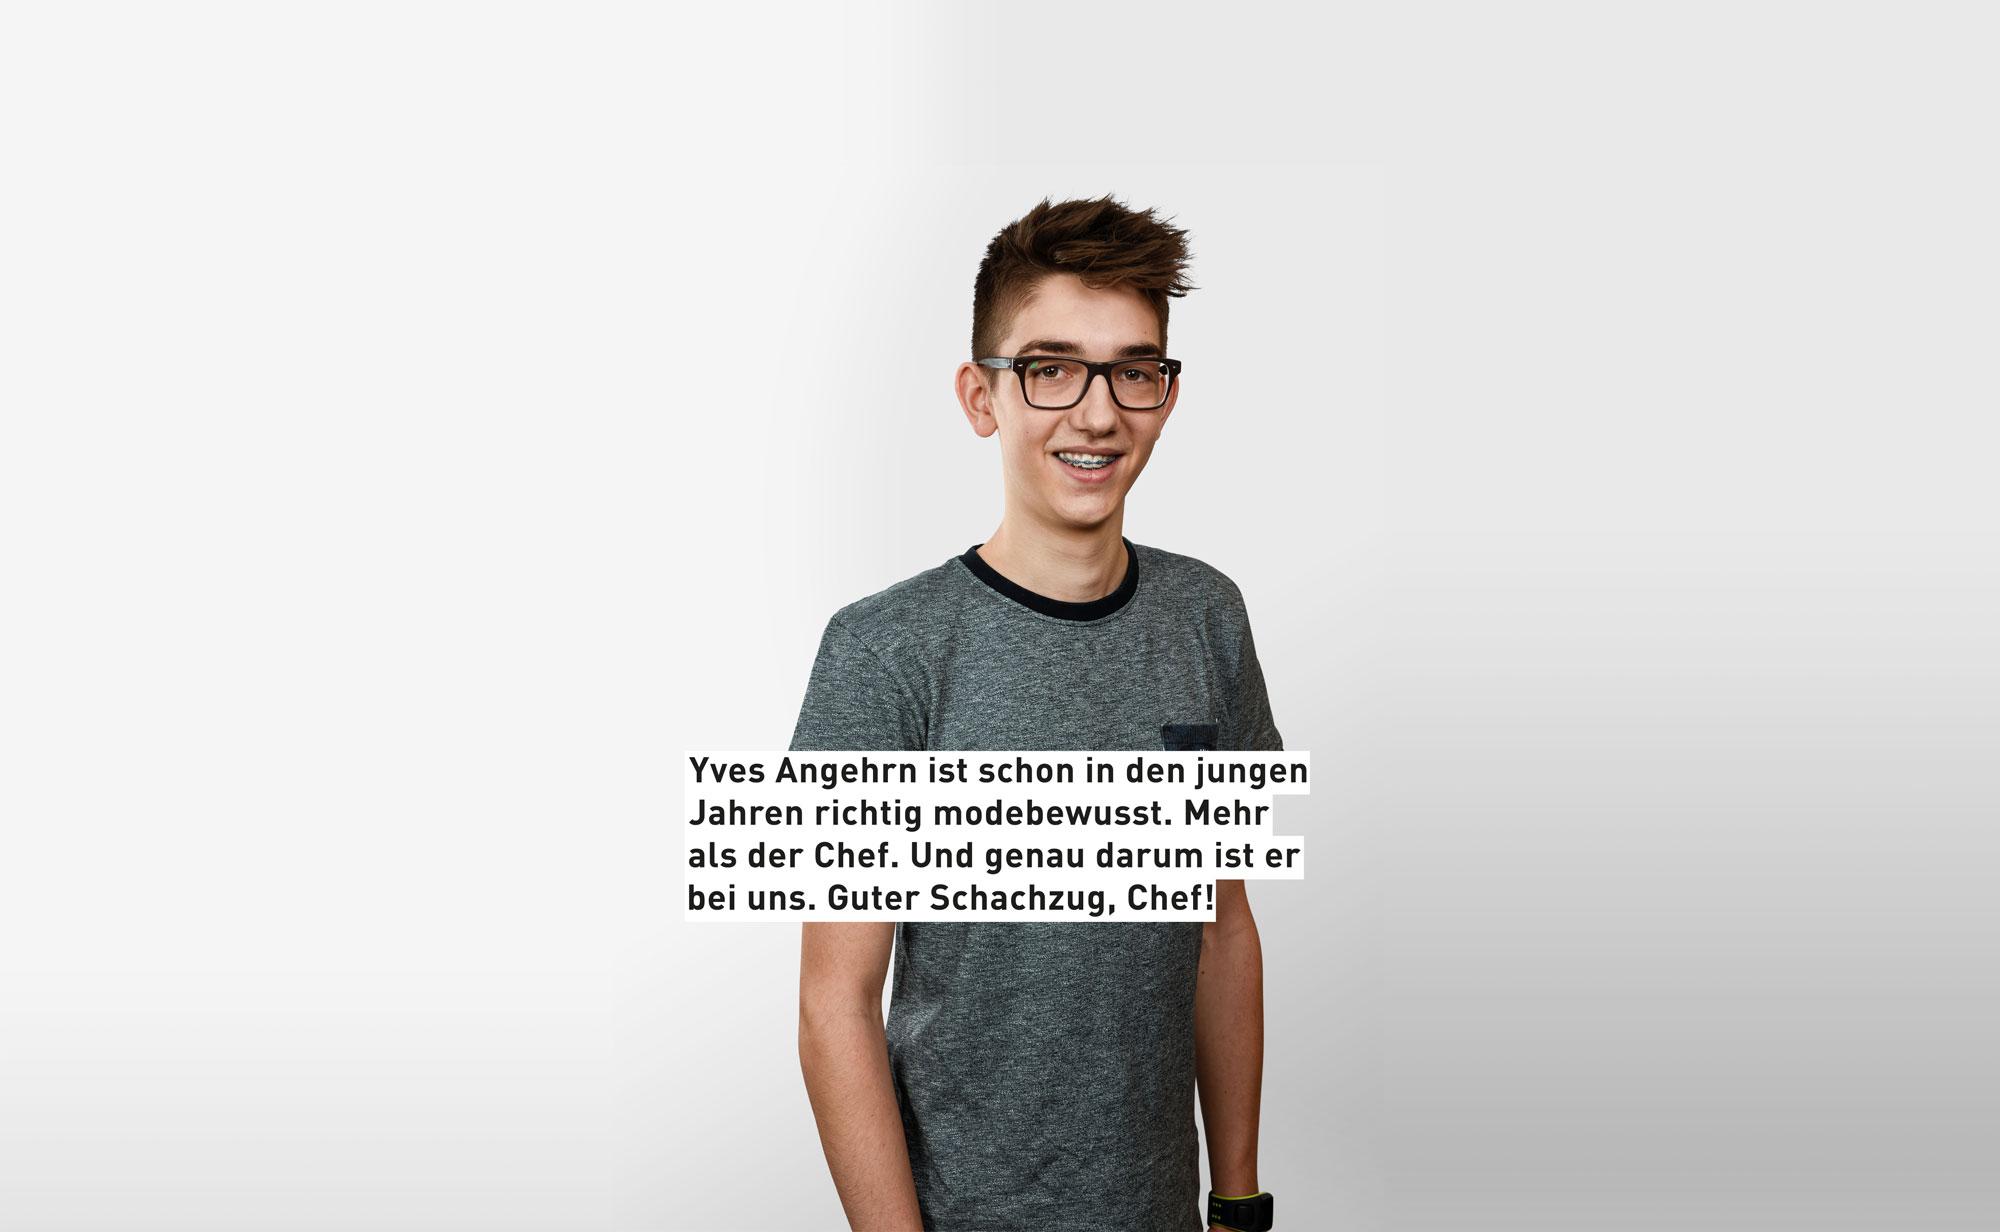 Yves Angehrn